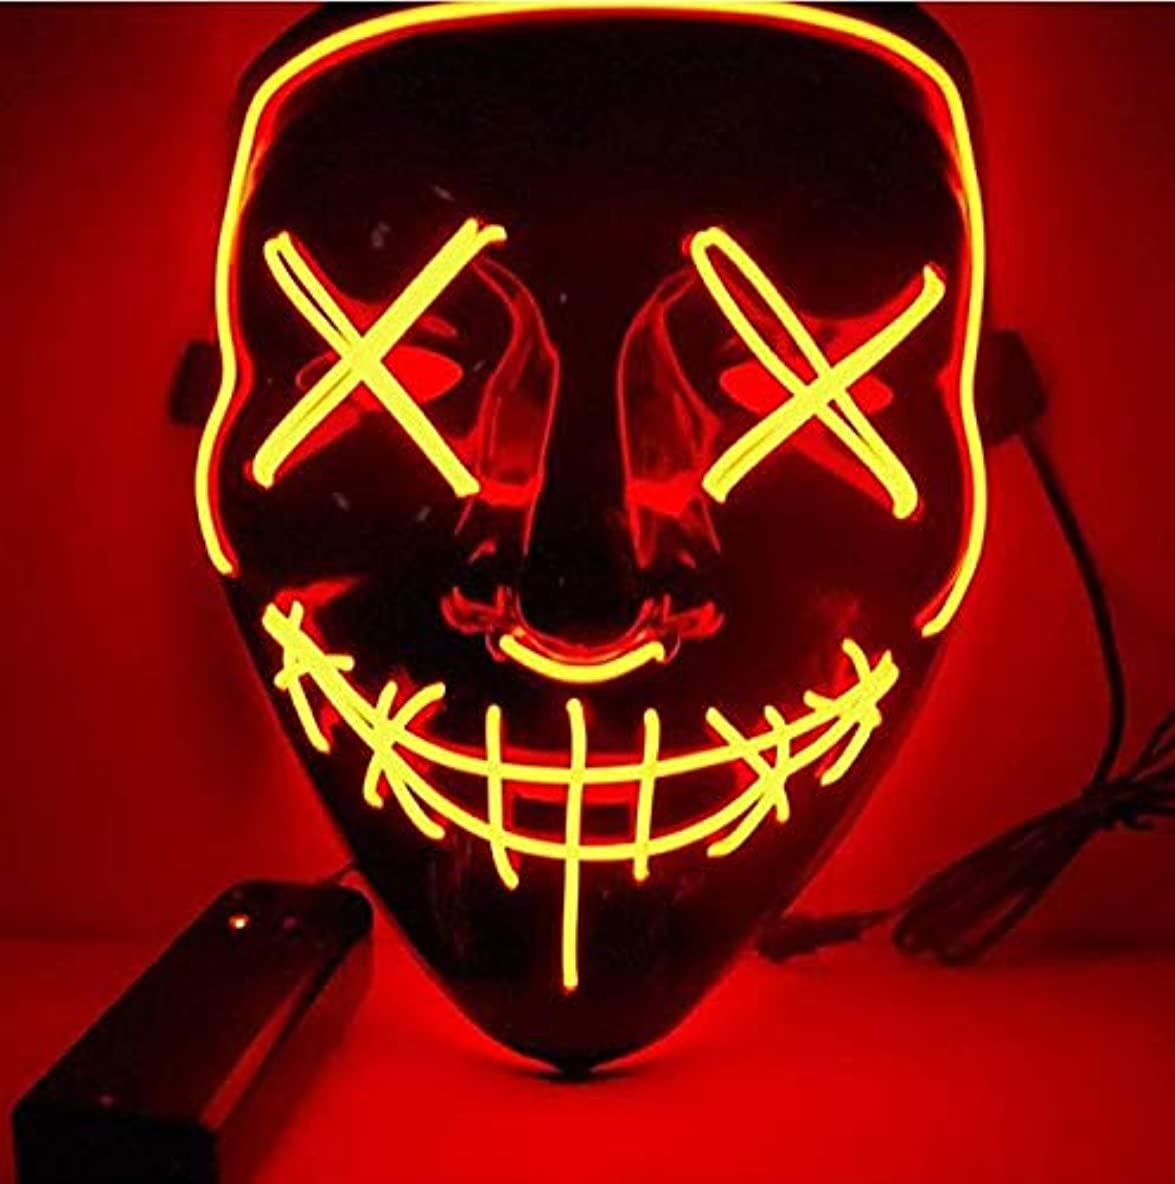 食べるゾーンハロウィンマスクLEDライトアップパーティーマスクコスプレコスチュームサプライ暗闇で光る (Color : YELLOW)